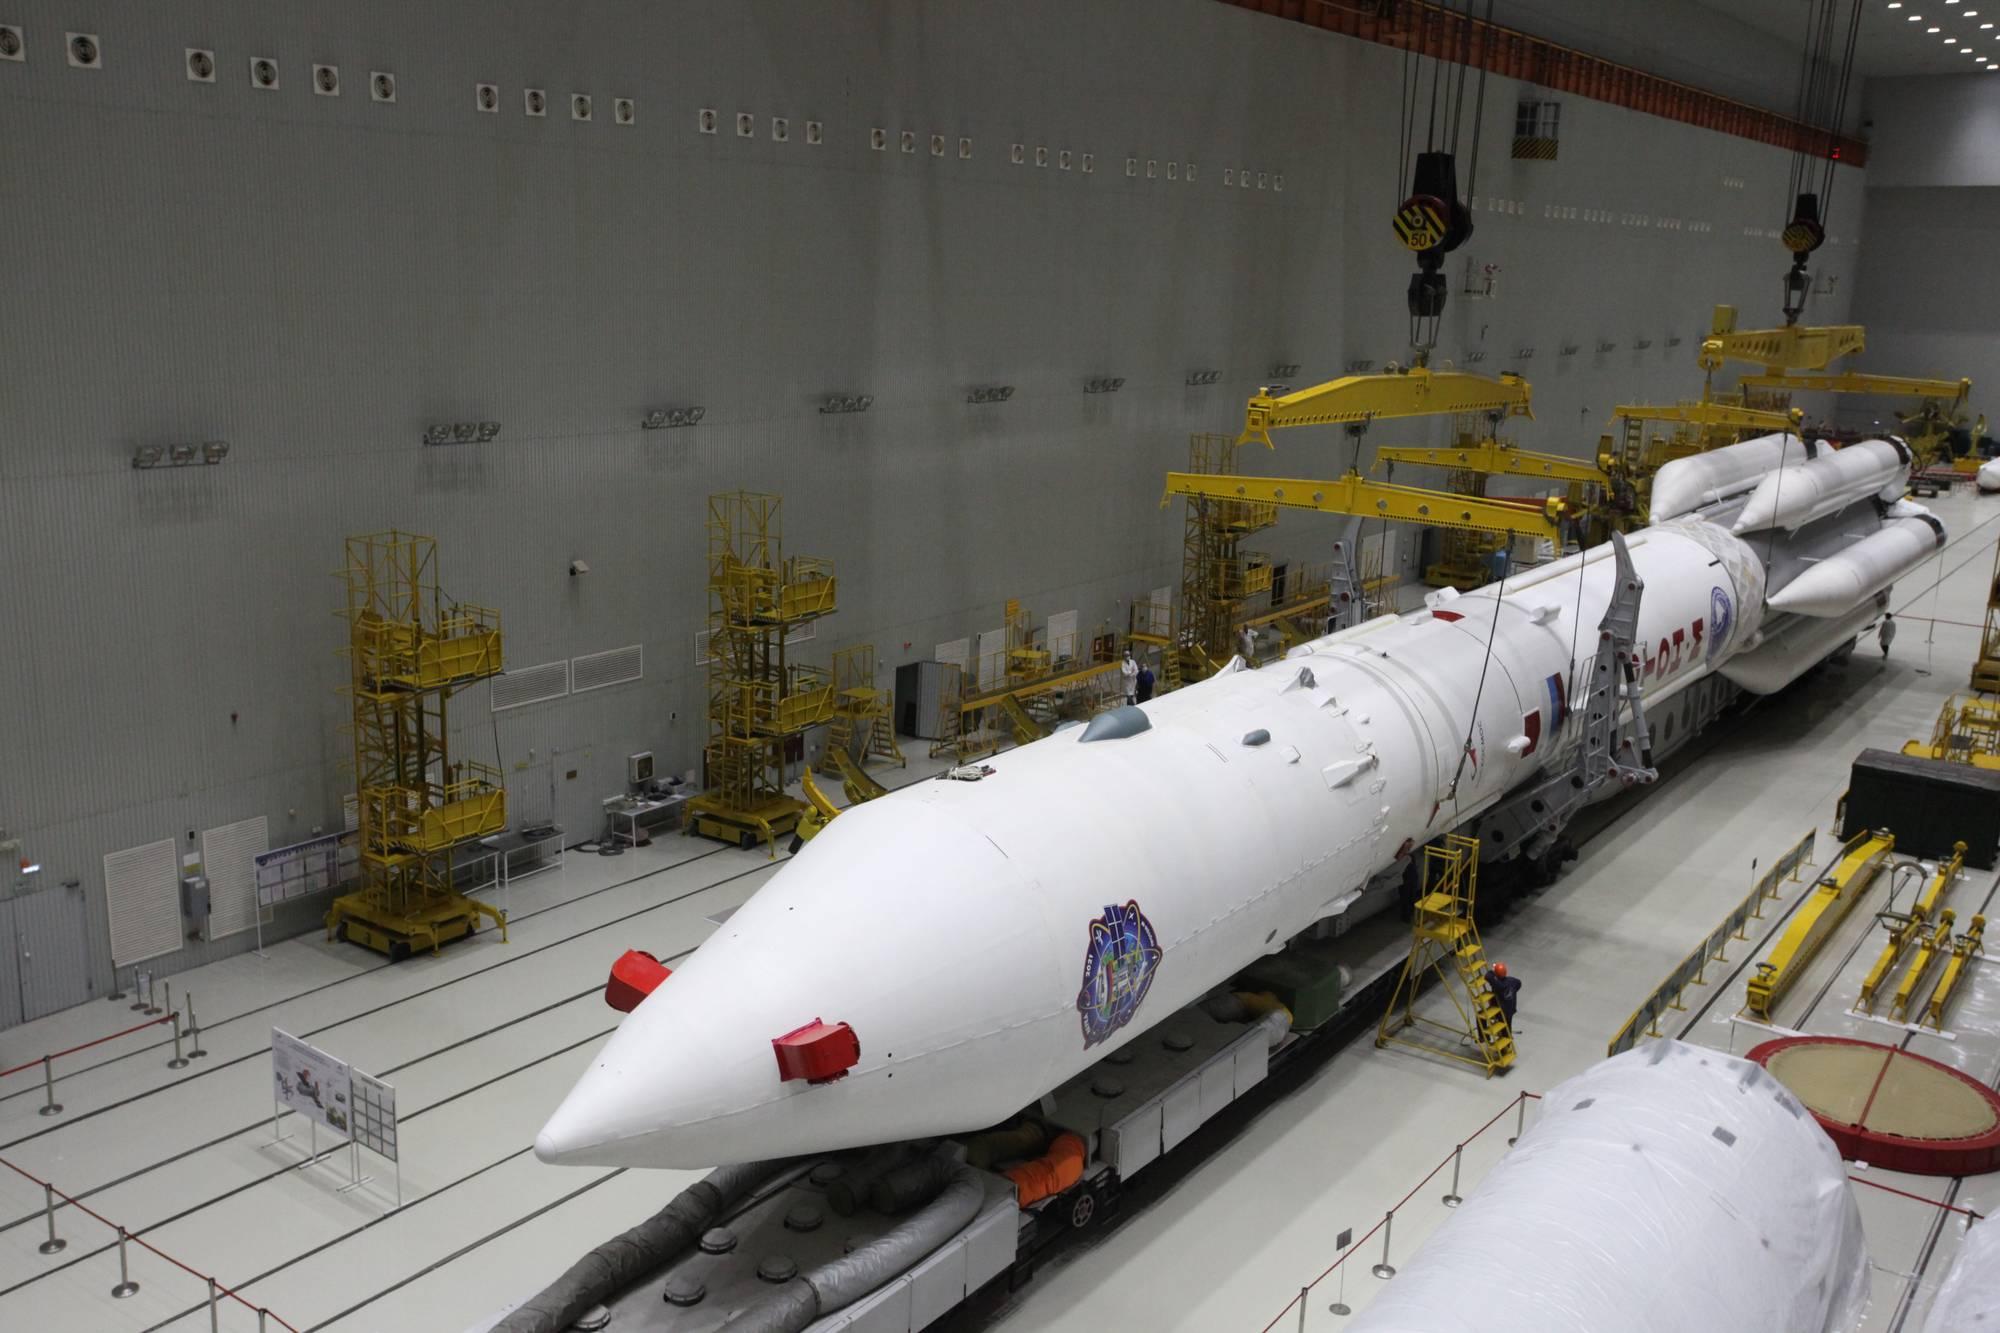 Le lanceur Proton-M et sa charge utile (module Naouka) sont prêts pour l'exportation vers le pas de tir le 17 juillet 2021.